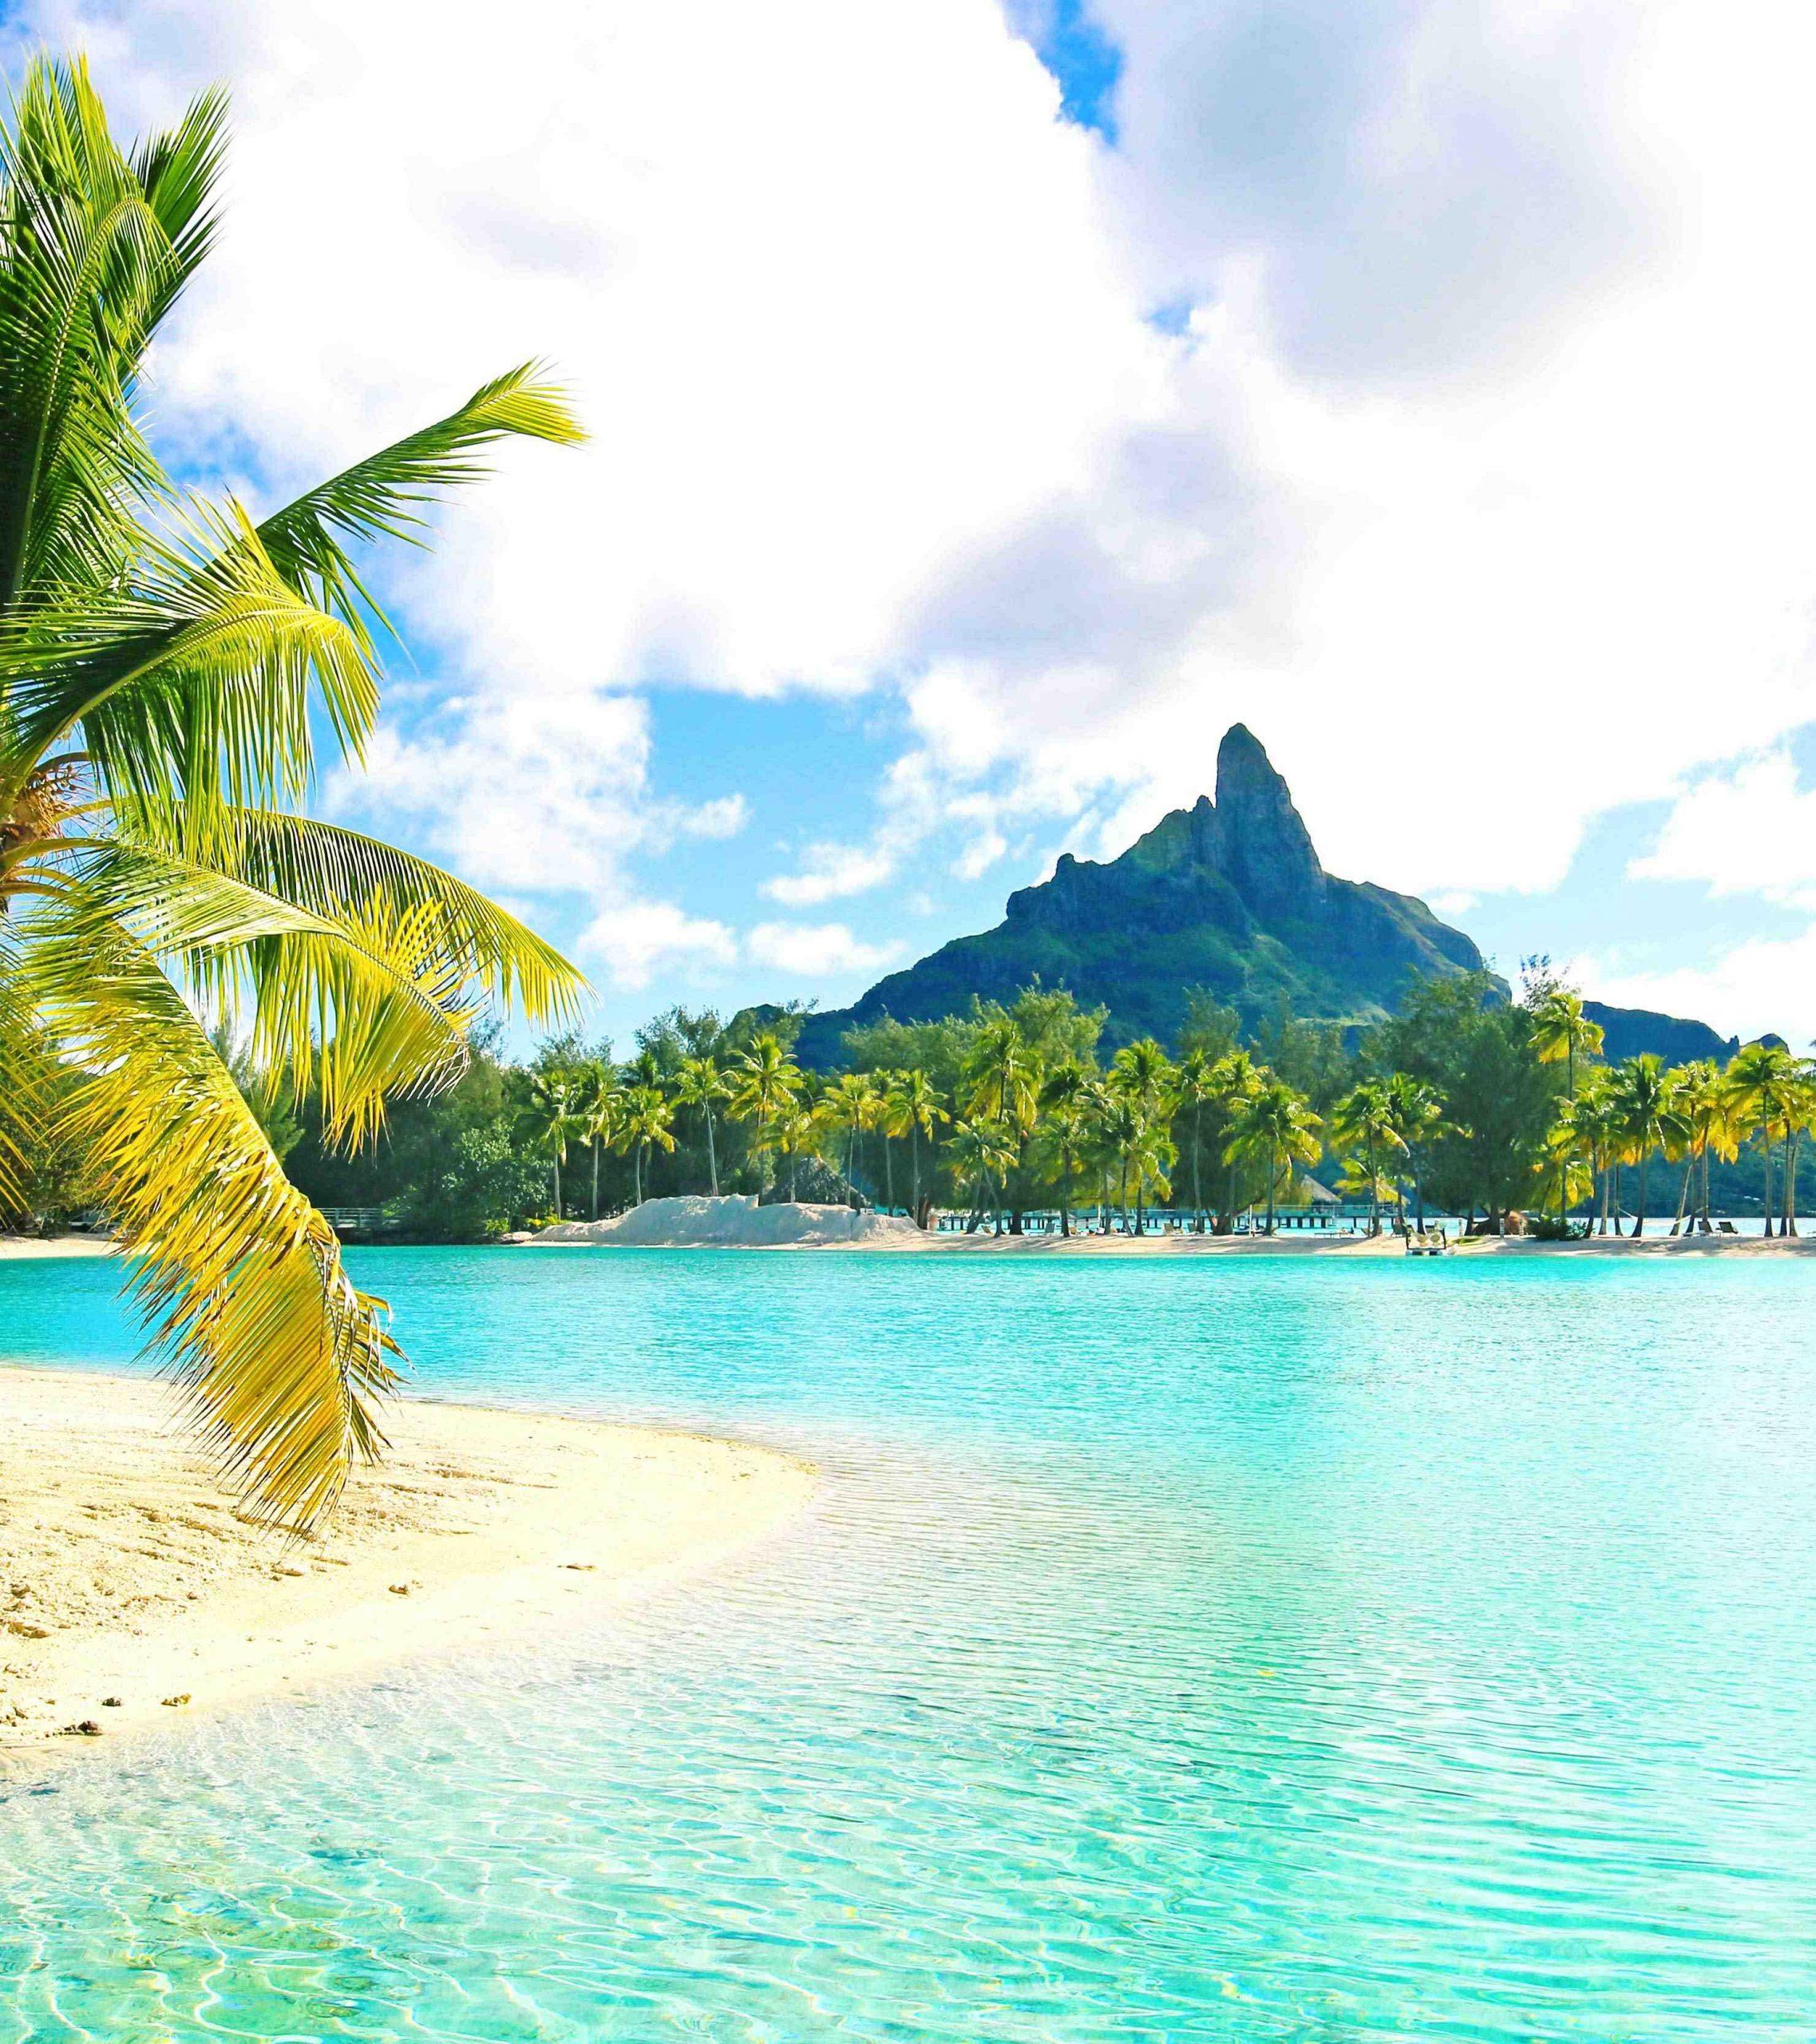 Does Bora Bora have a rainy season?